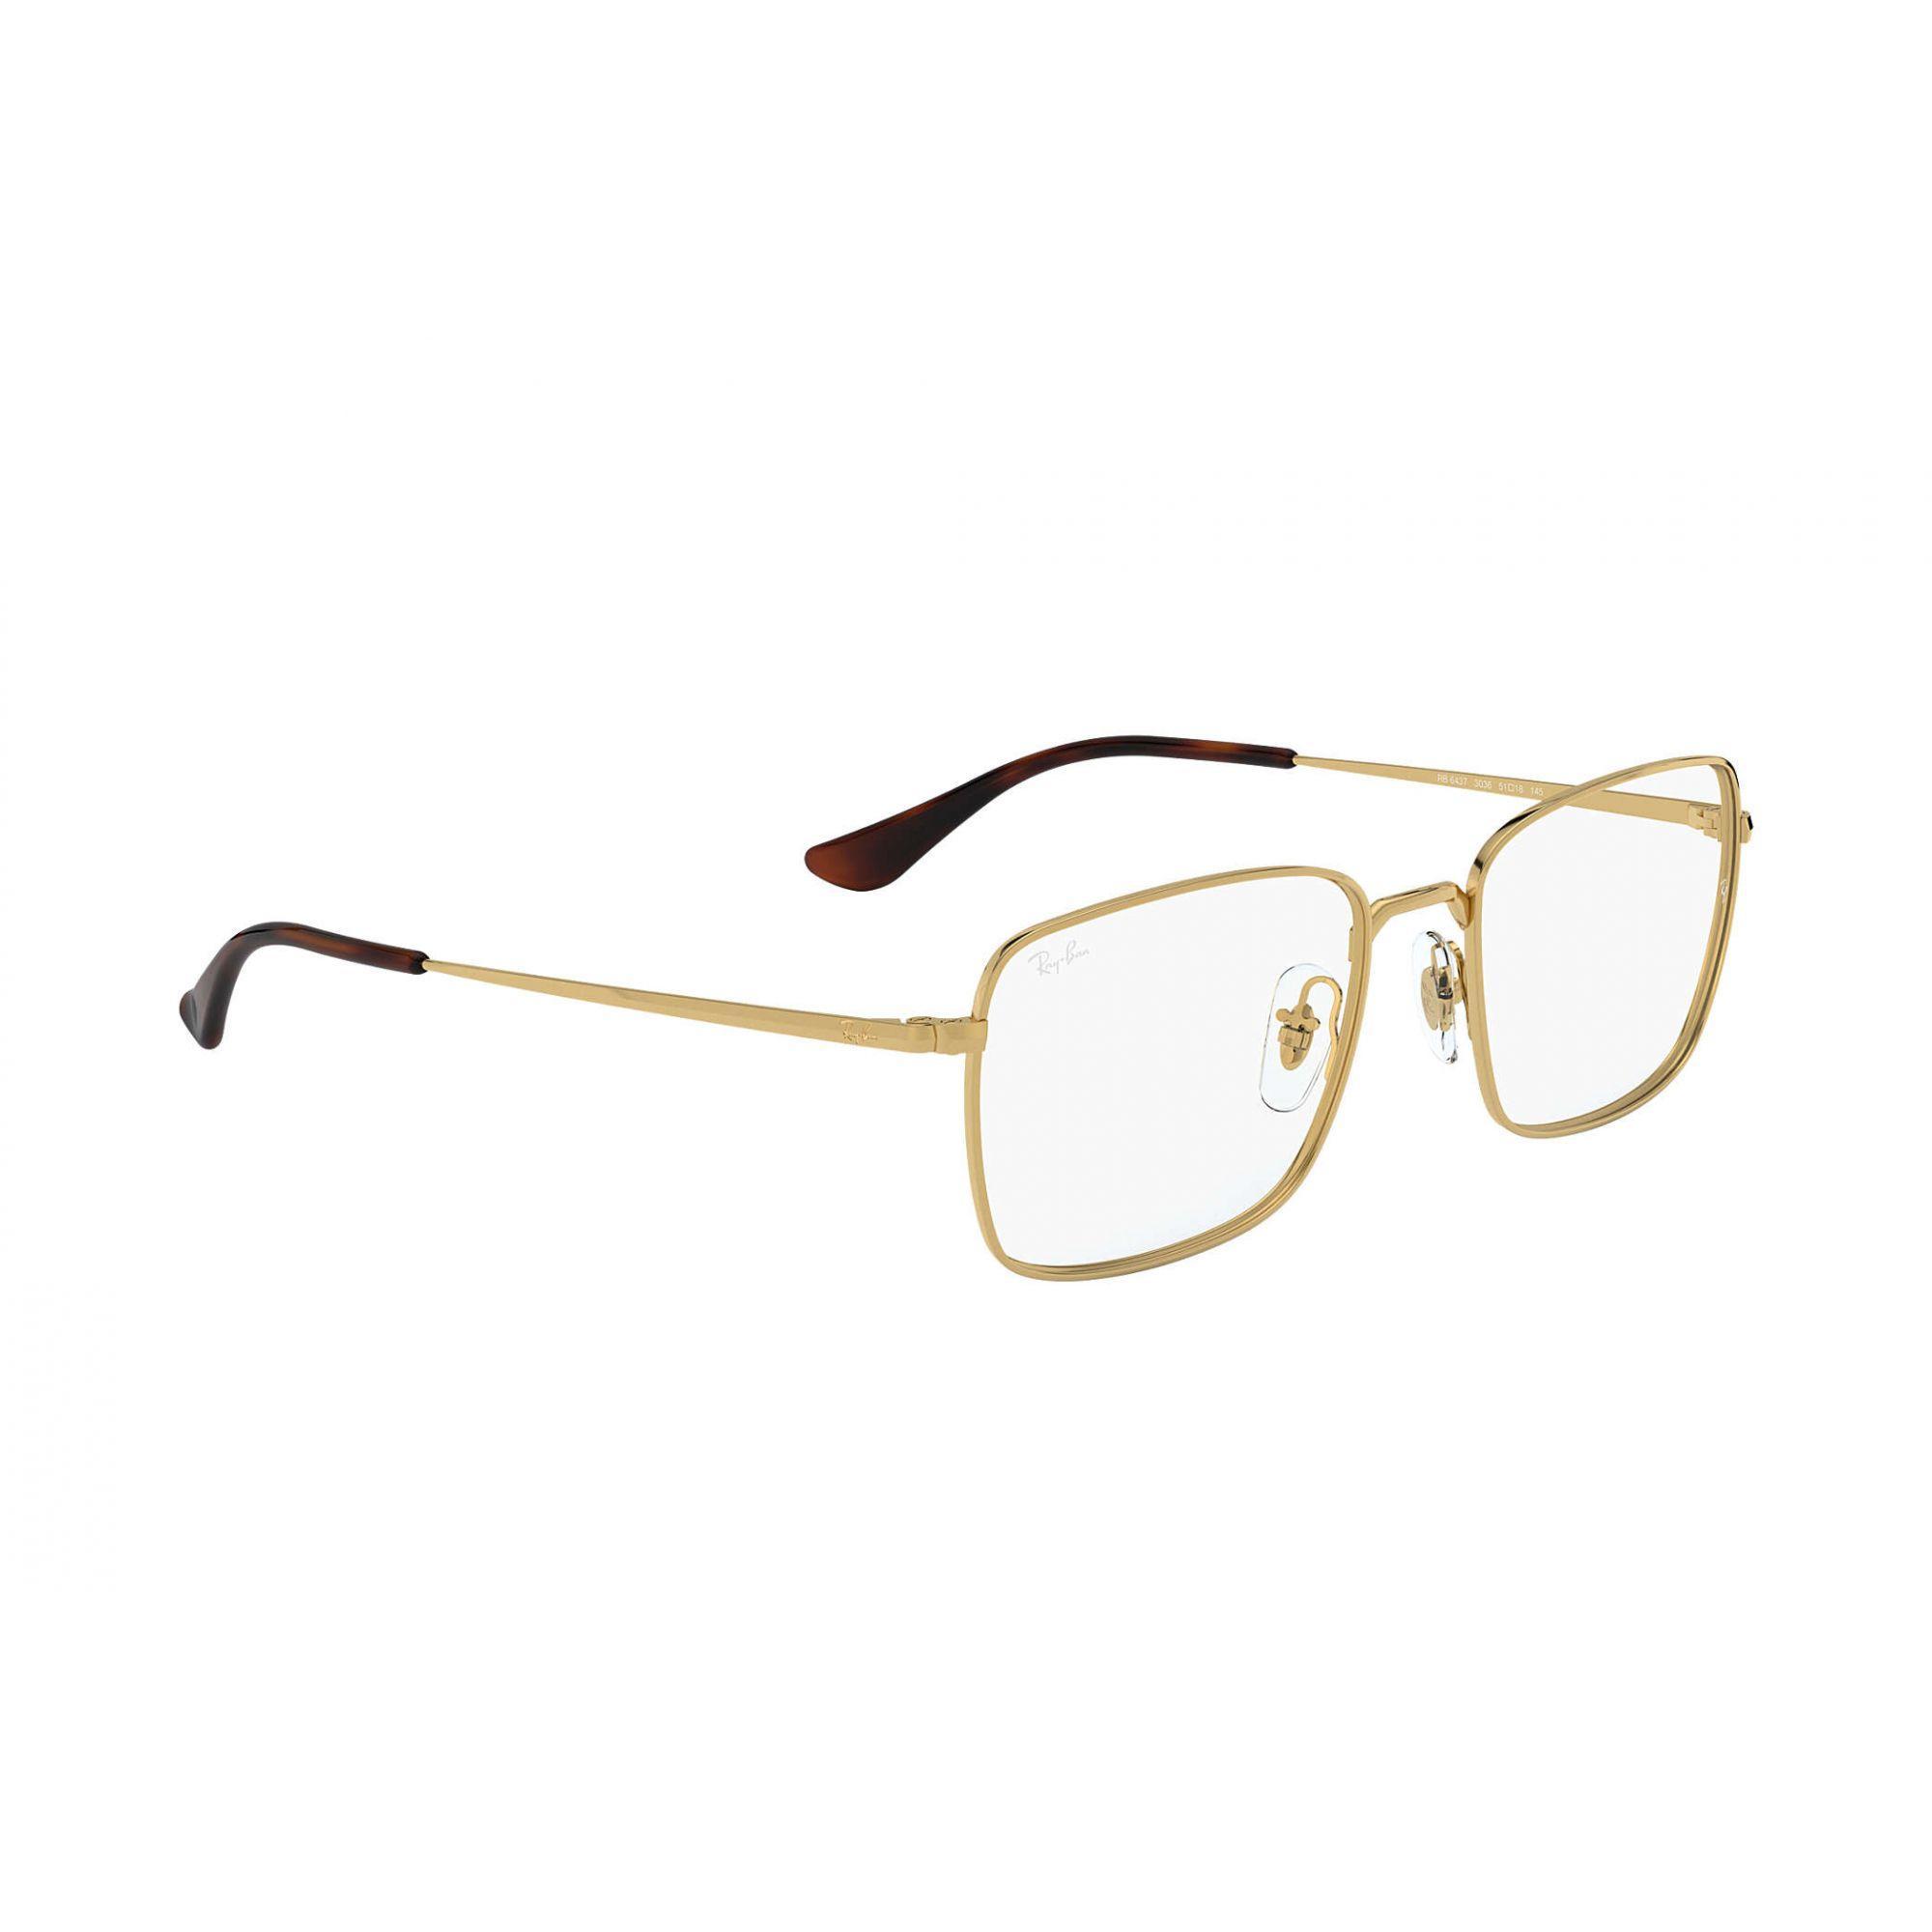 Ray Ban - RB6437 3036 - Óculos de grau